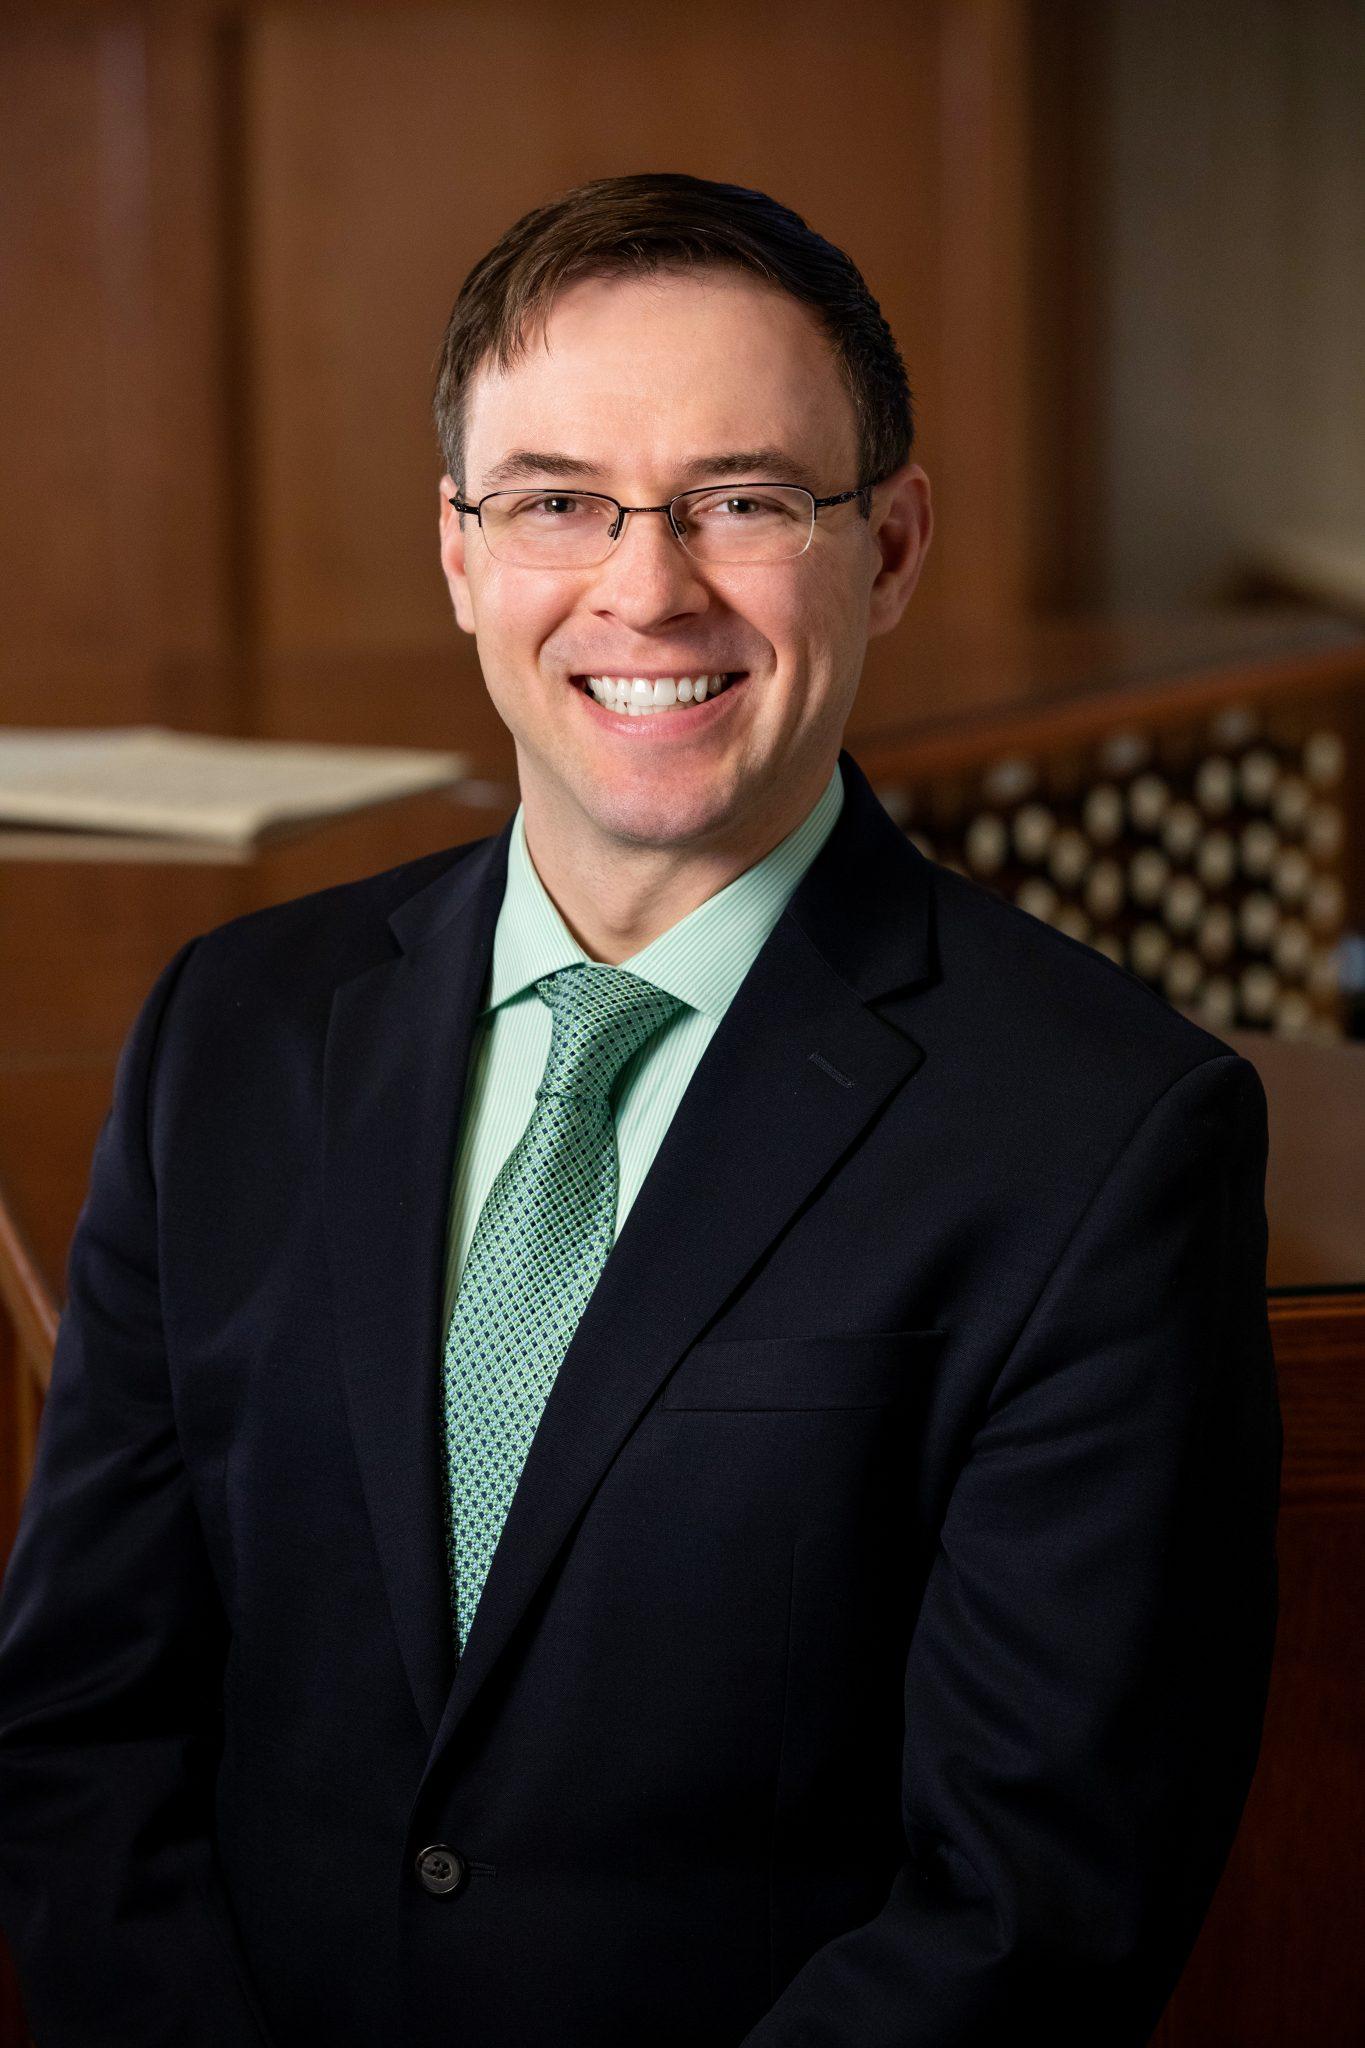 Benjamin LaPrairie